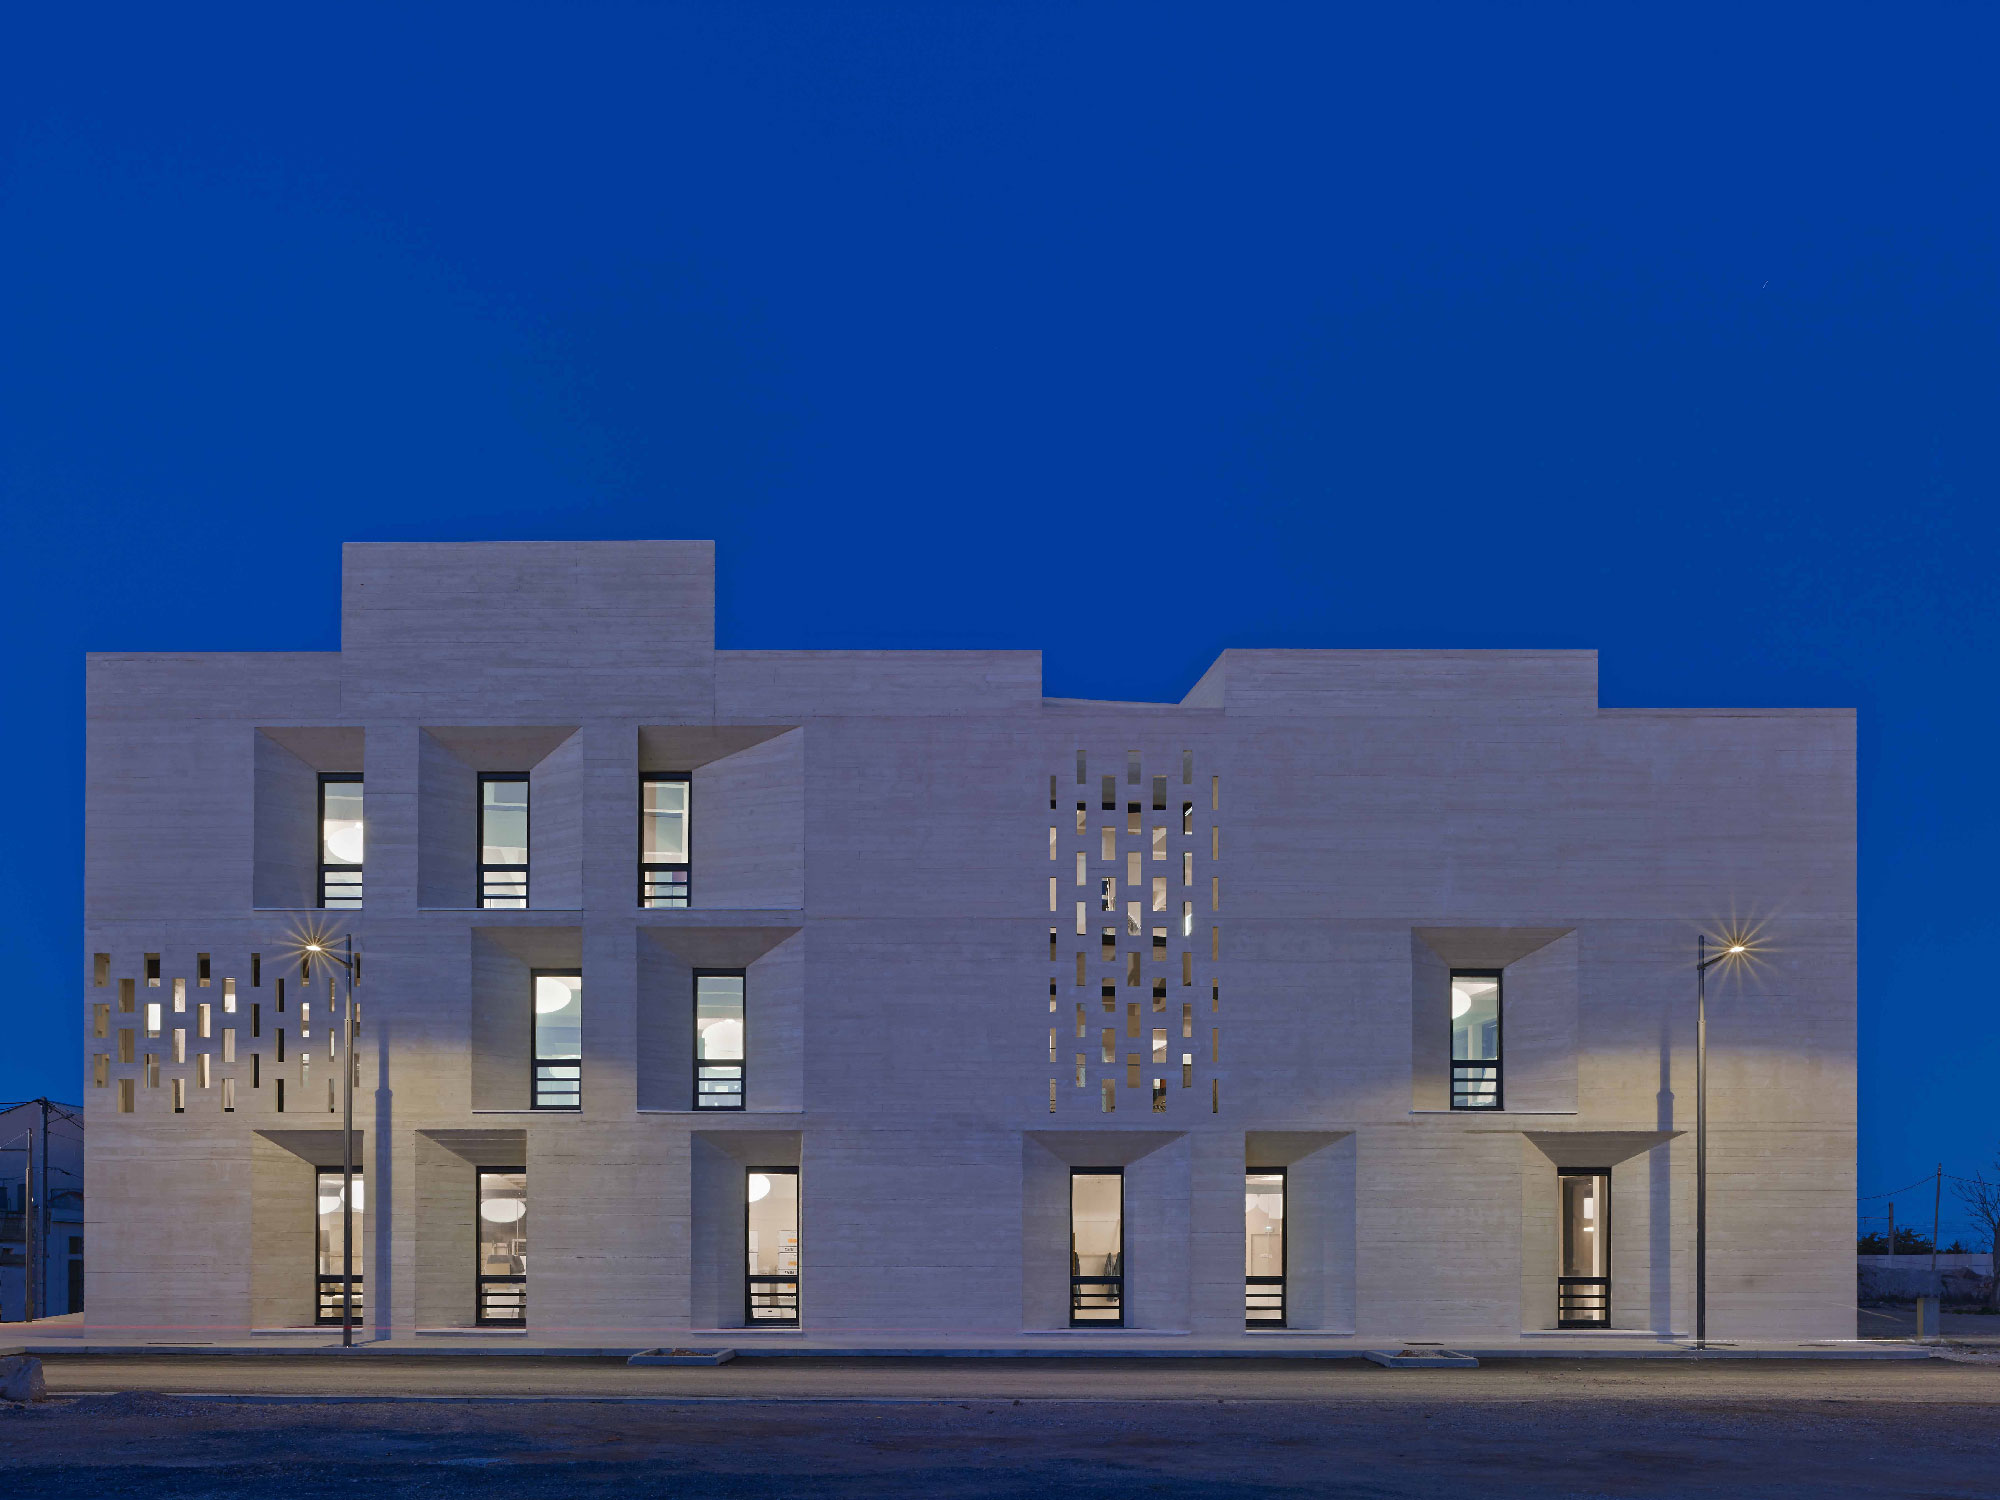 Tautem architecture - mediatheque Montaigne Frontignan - vue de nuit